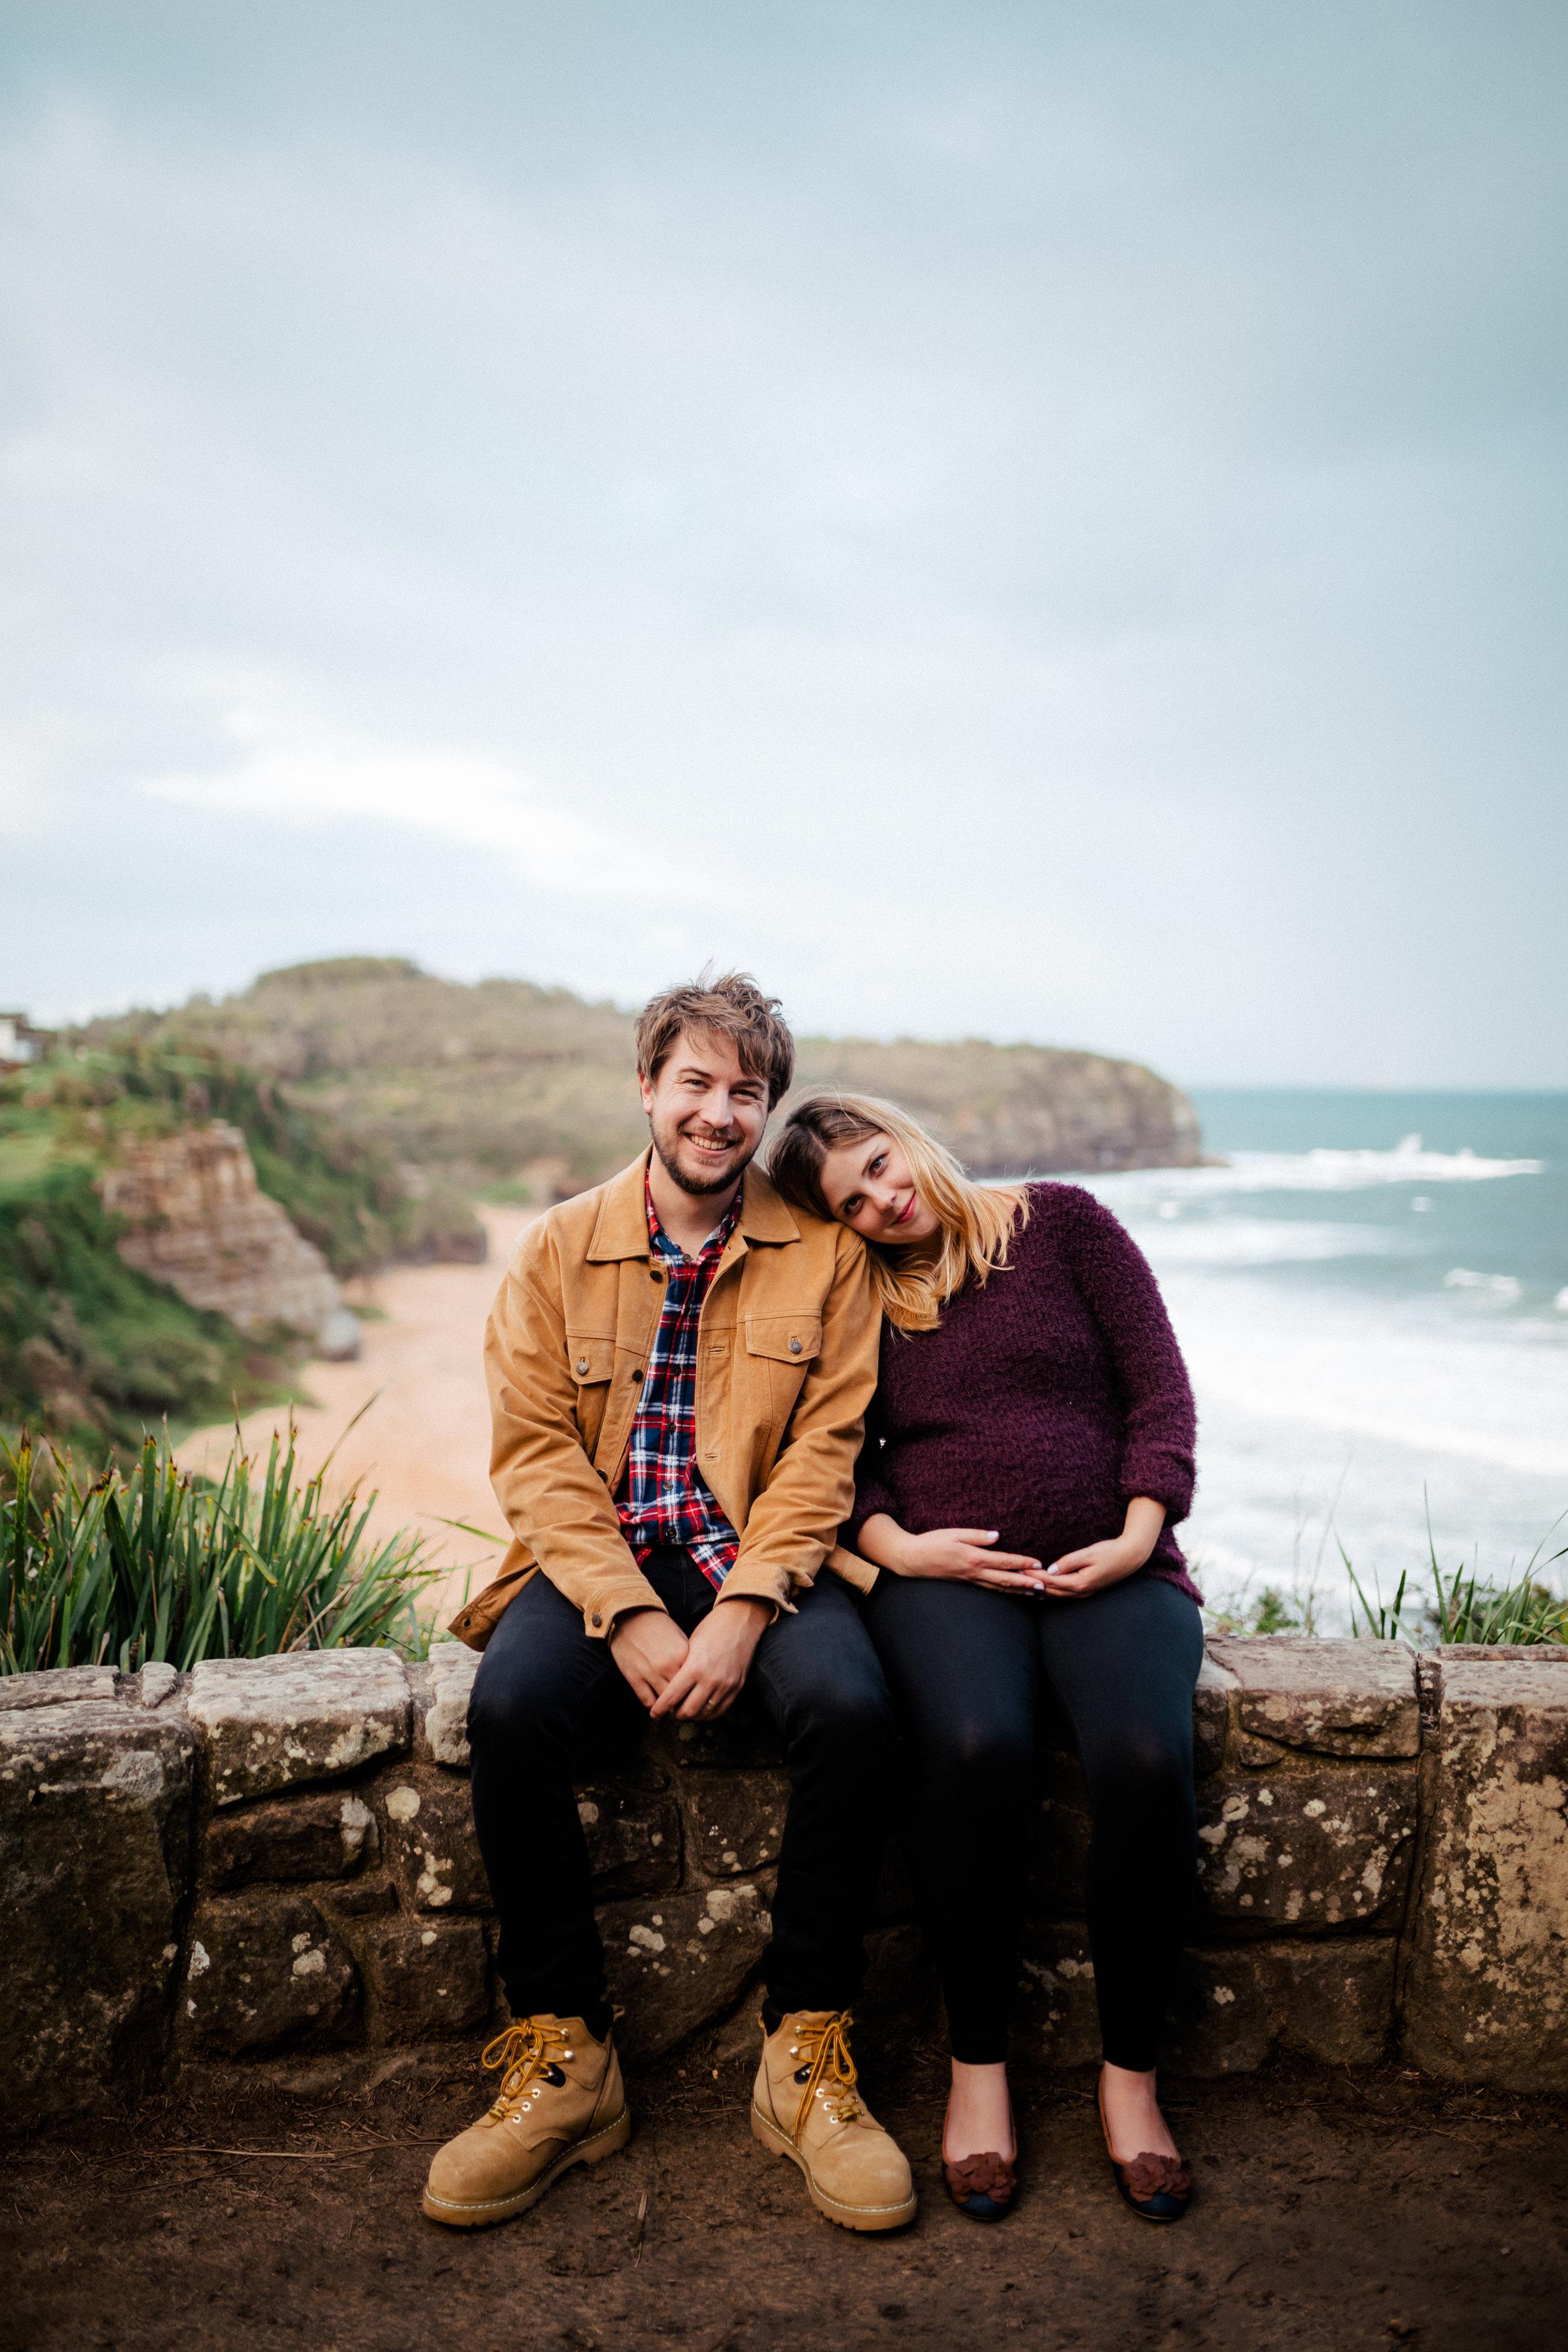 Heather&Liam&Bub-165.jpg